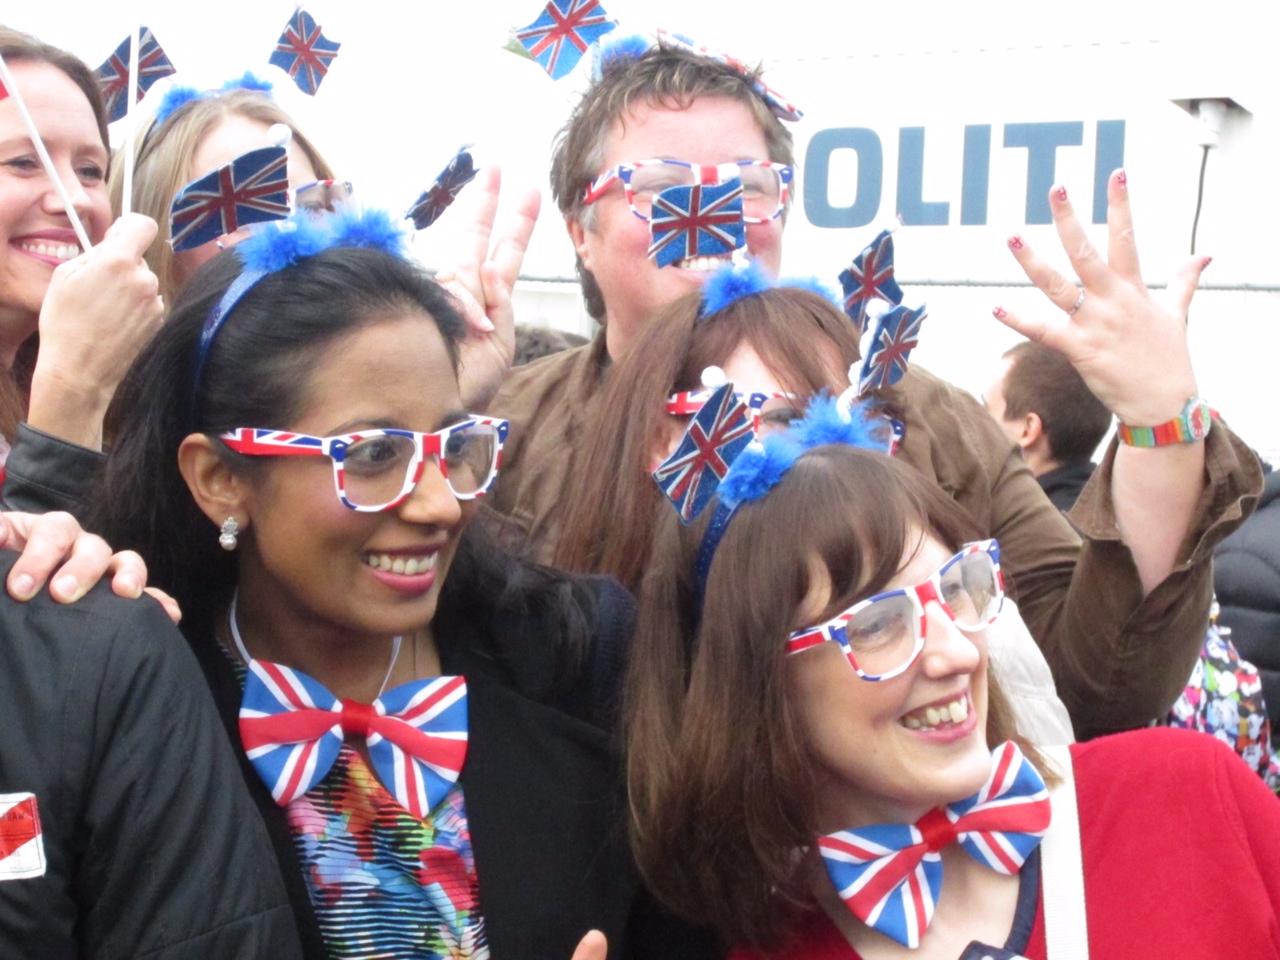 quattro donne vestite con accessori che ricordano la bandiera britannica